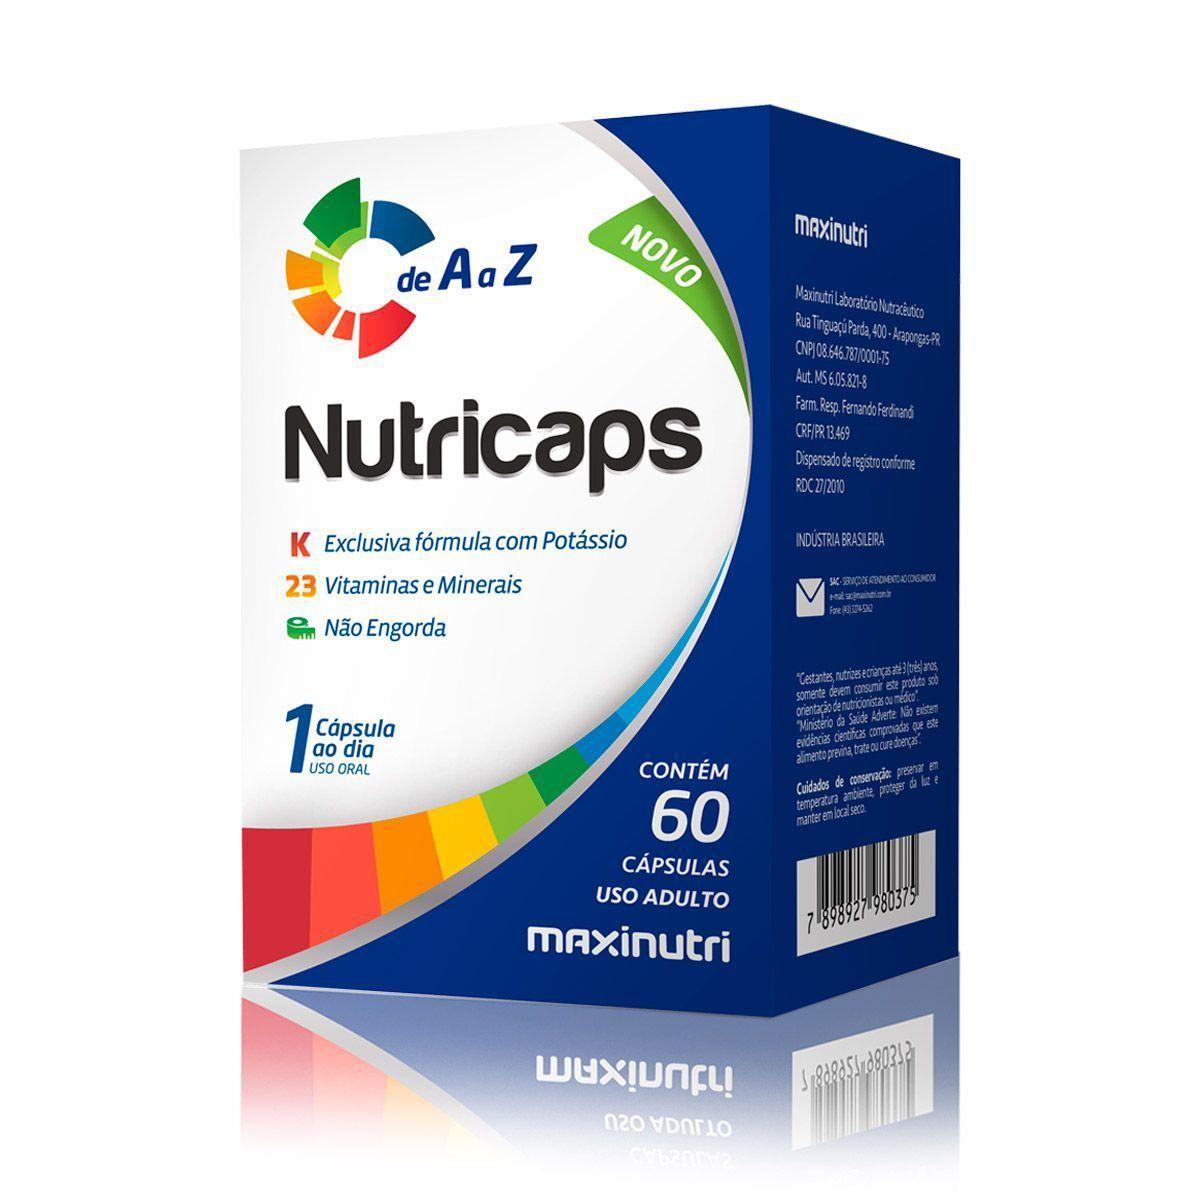 Nutricaps 60 Cápsulas Maxinutri